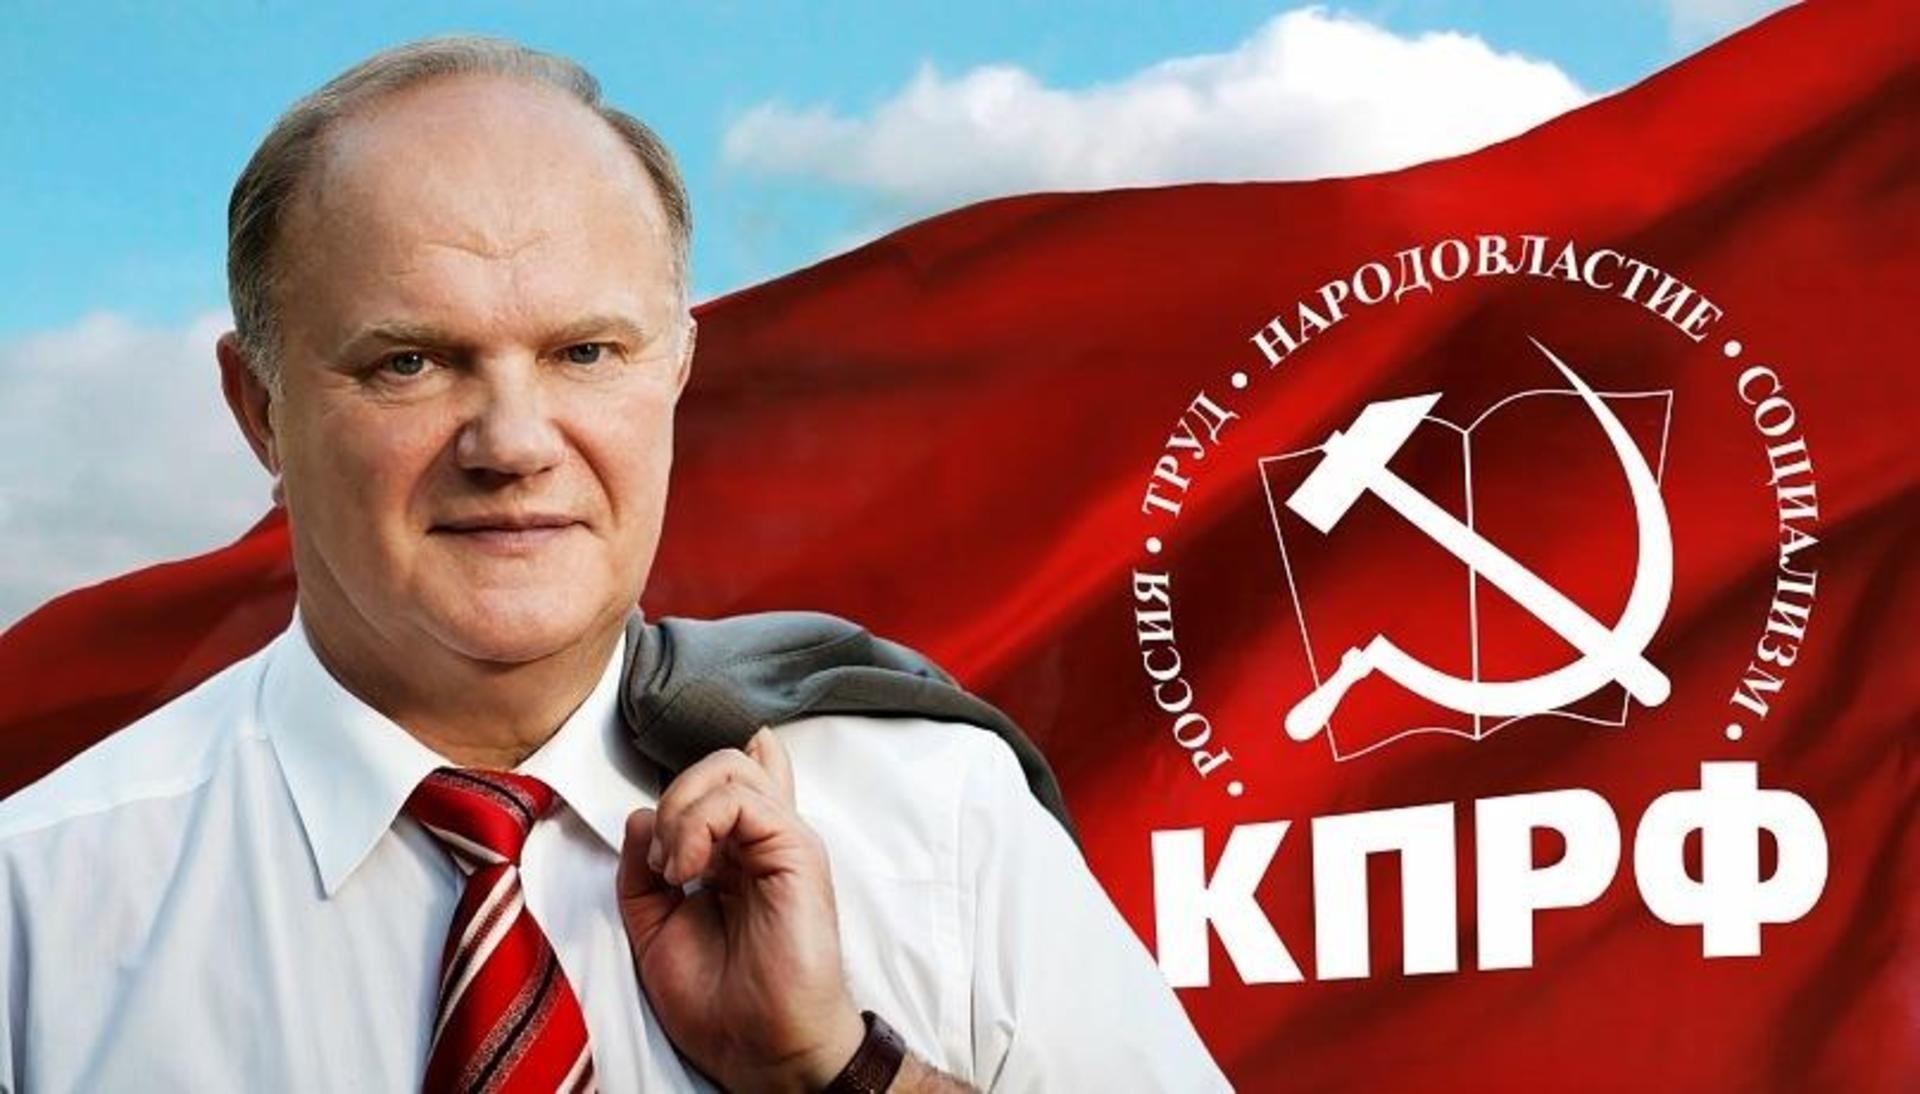 Жители Сахалина отдали свое предпочтение коммунистам